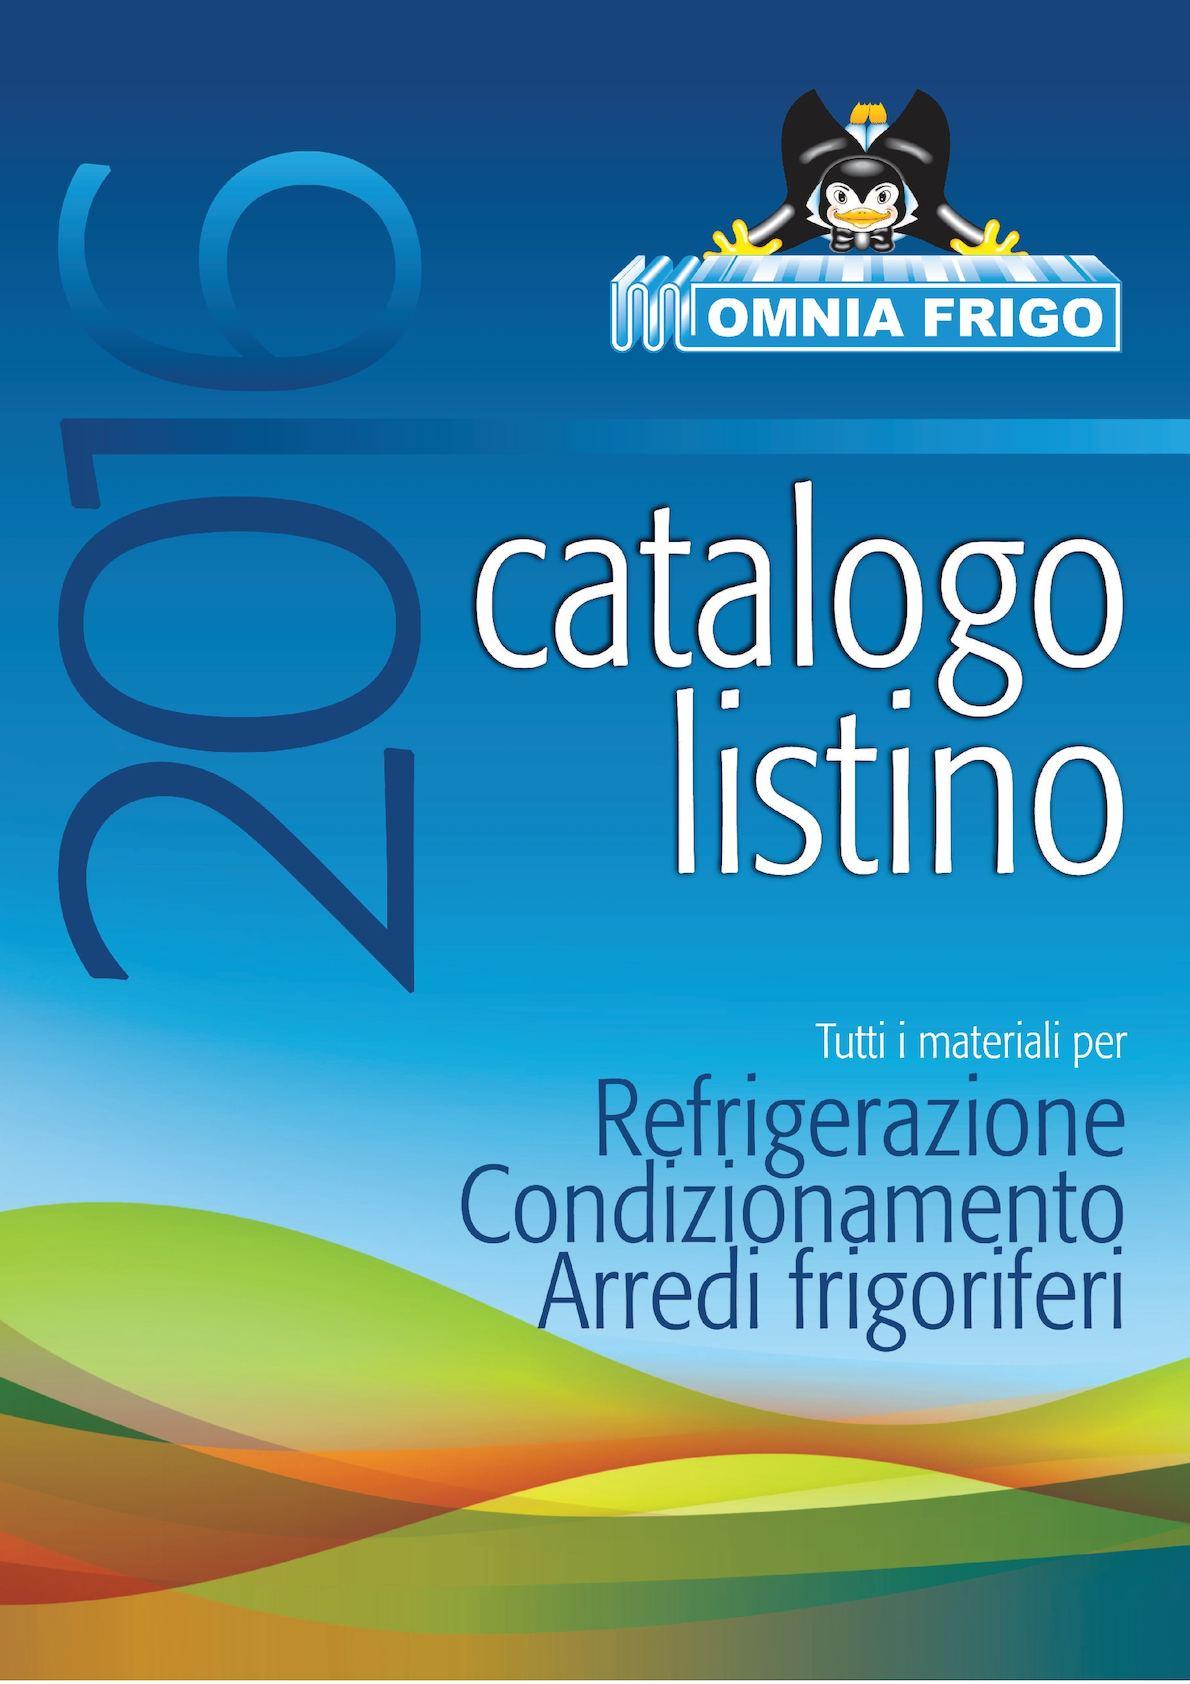 3S PRESSOSTATO BASSA PRESSIONE RANCO O16-6703 REFRIGERANTE REFRIGERAZIONE NUOVO